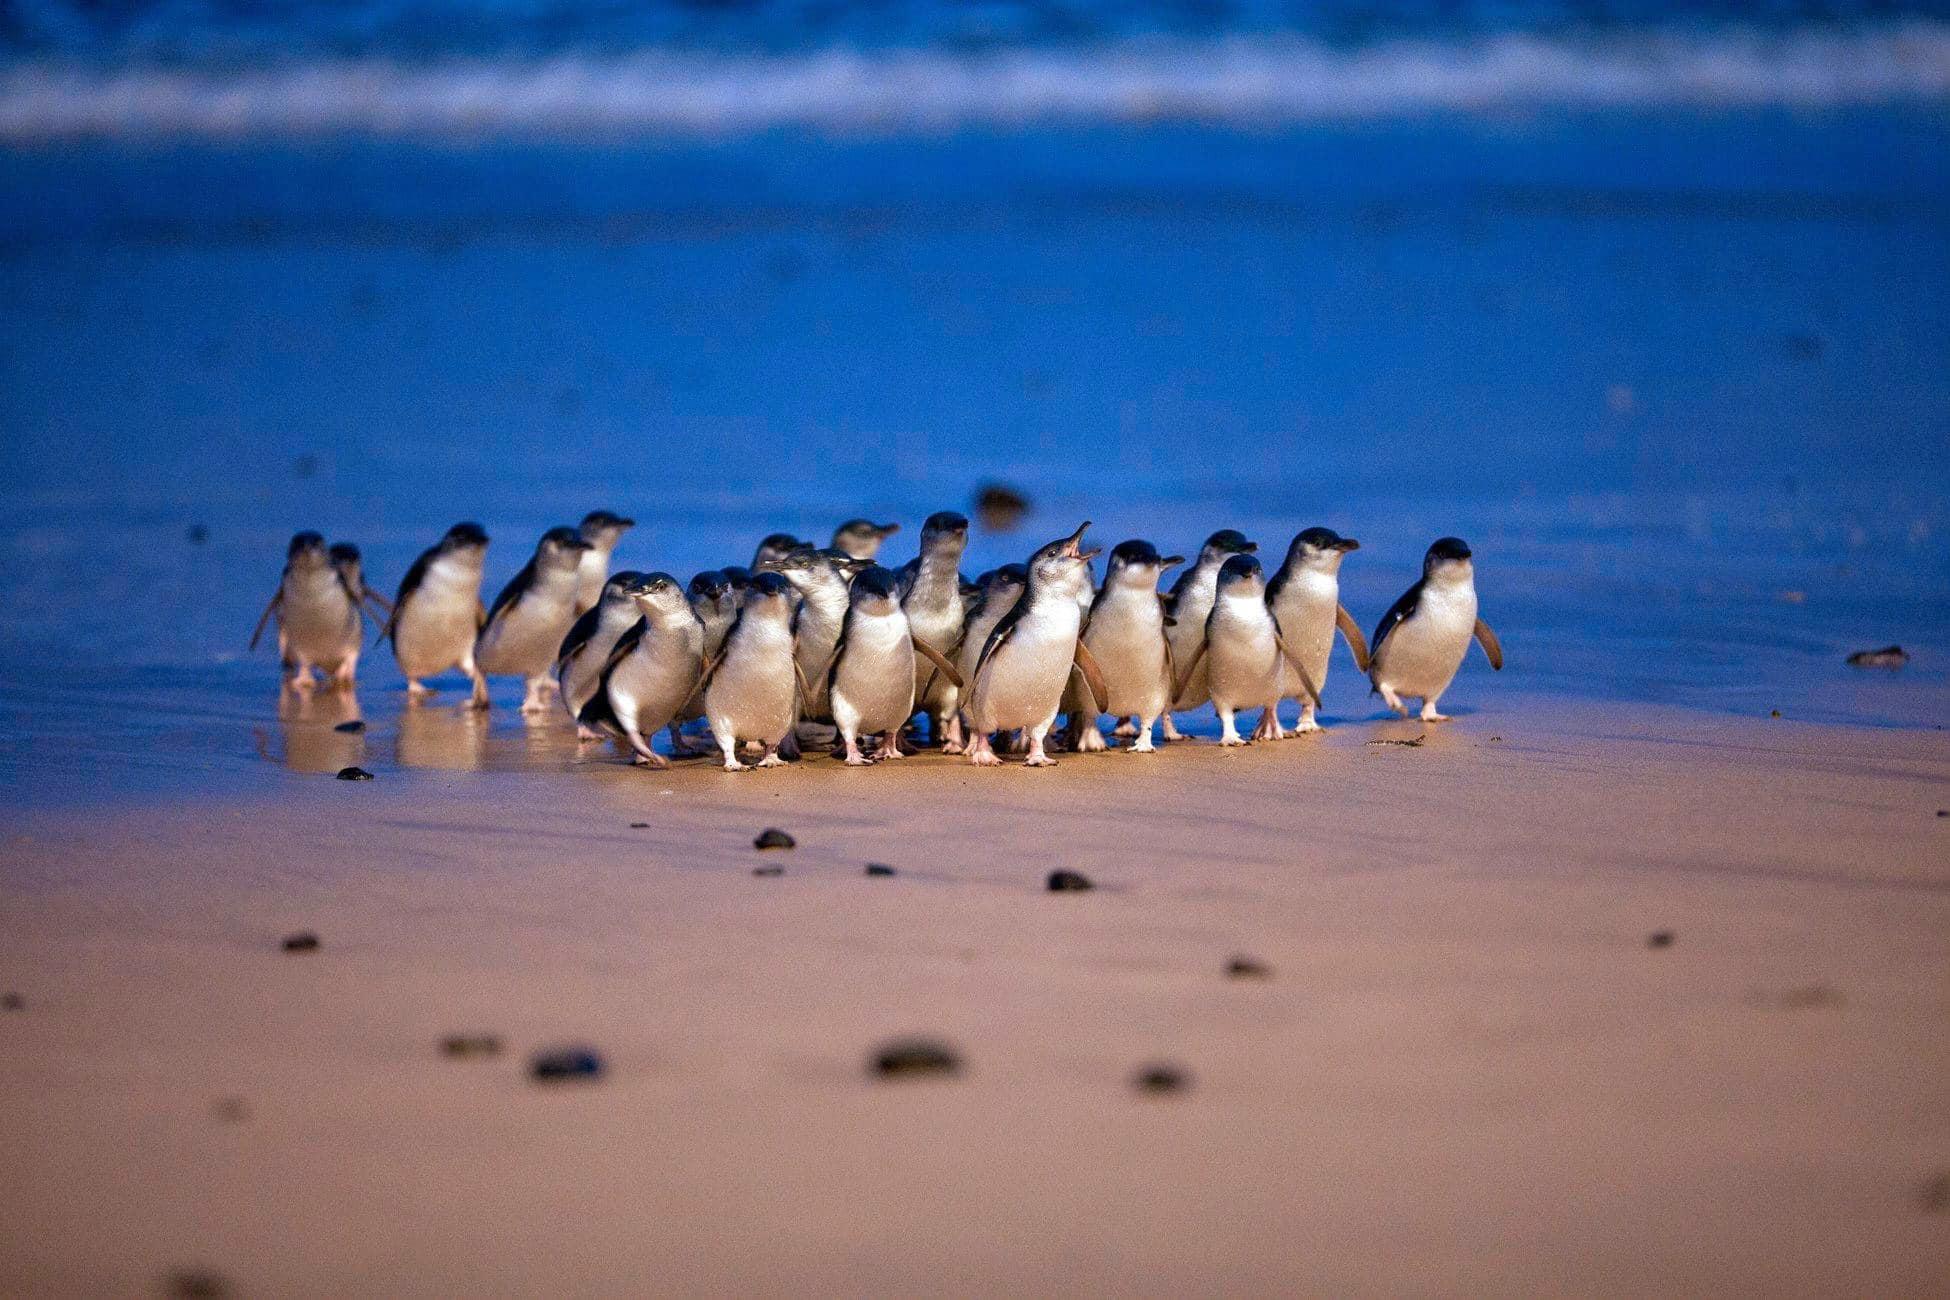 オーストラリア・フィリップ島より、ペンギンパレードの様子を生配信